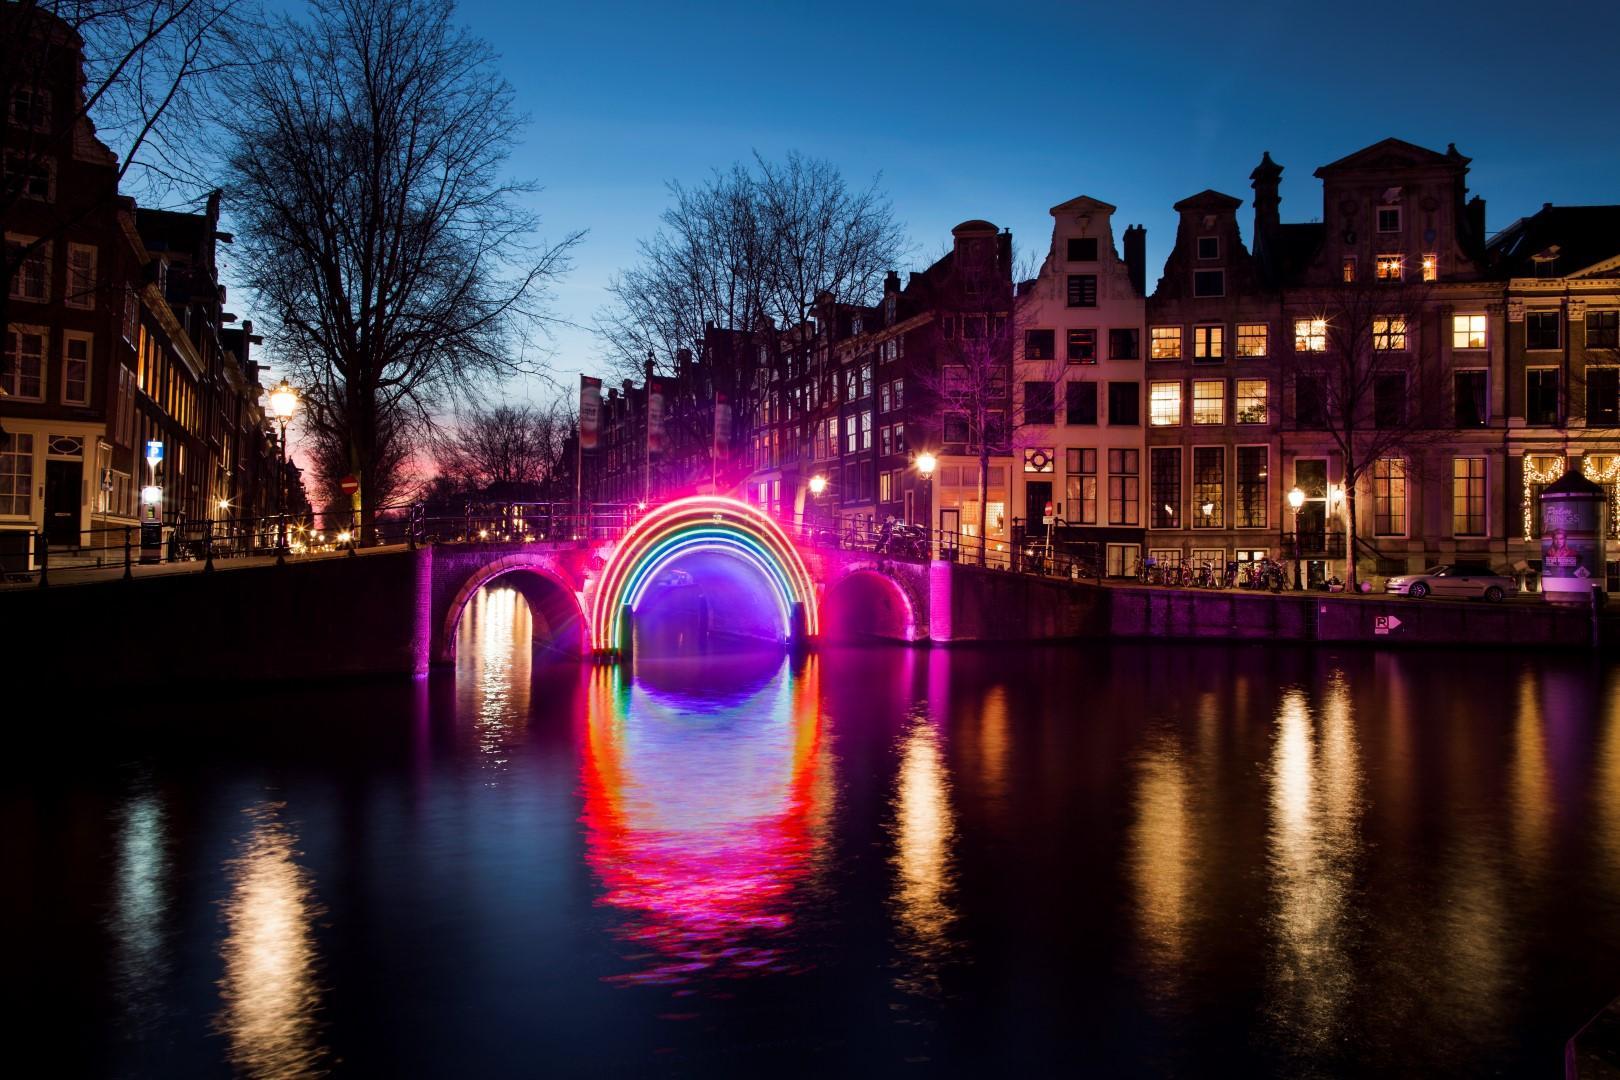 Olanda: le fantasmagoriche notti di Amsterdam